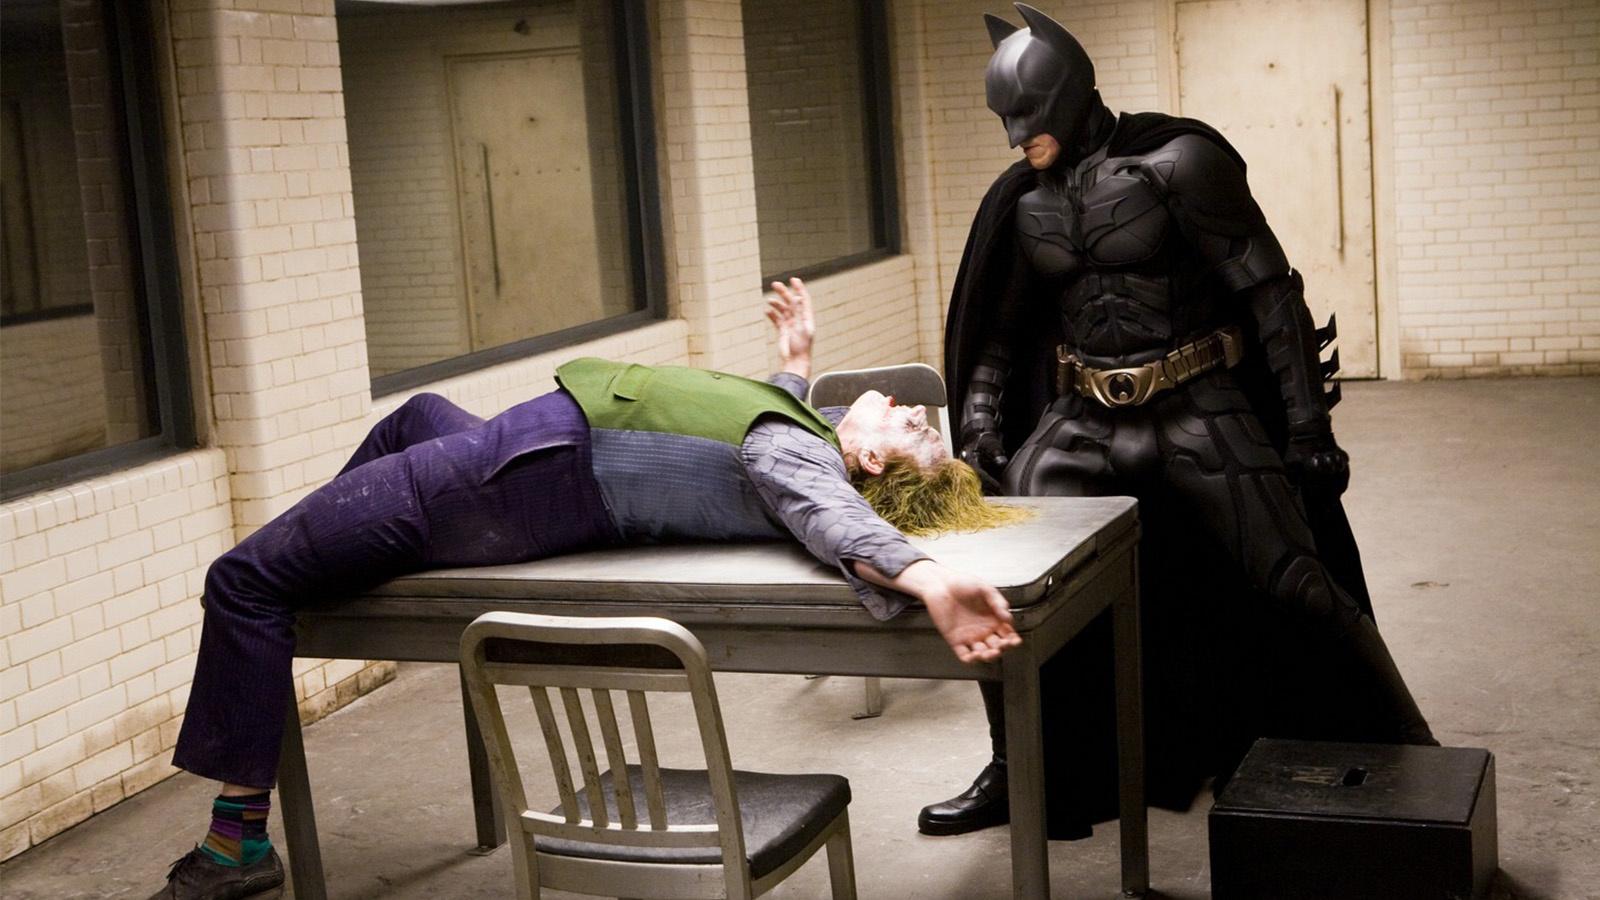 《蝙蝠俠:黑暗騎士》中小丑坐的這把椅子,其實也是影視劇裡的常客